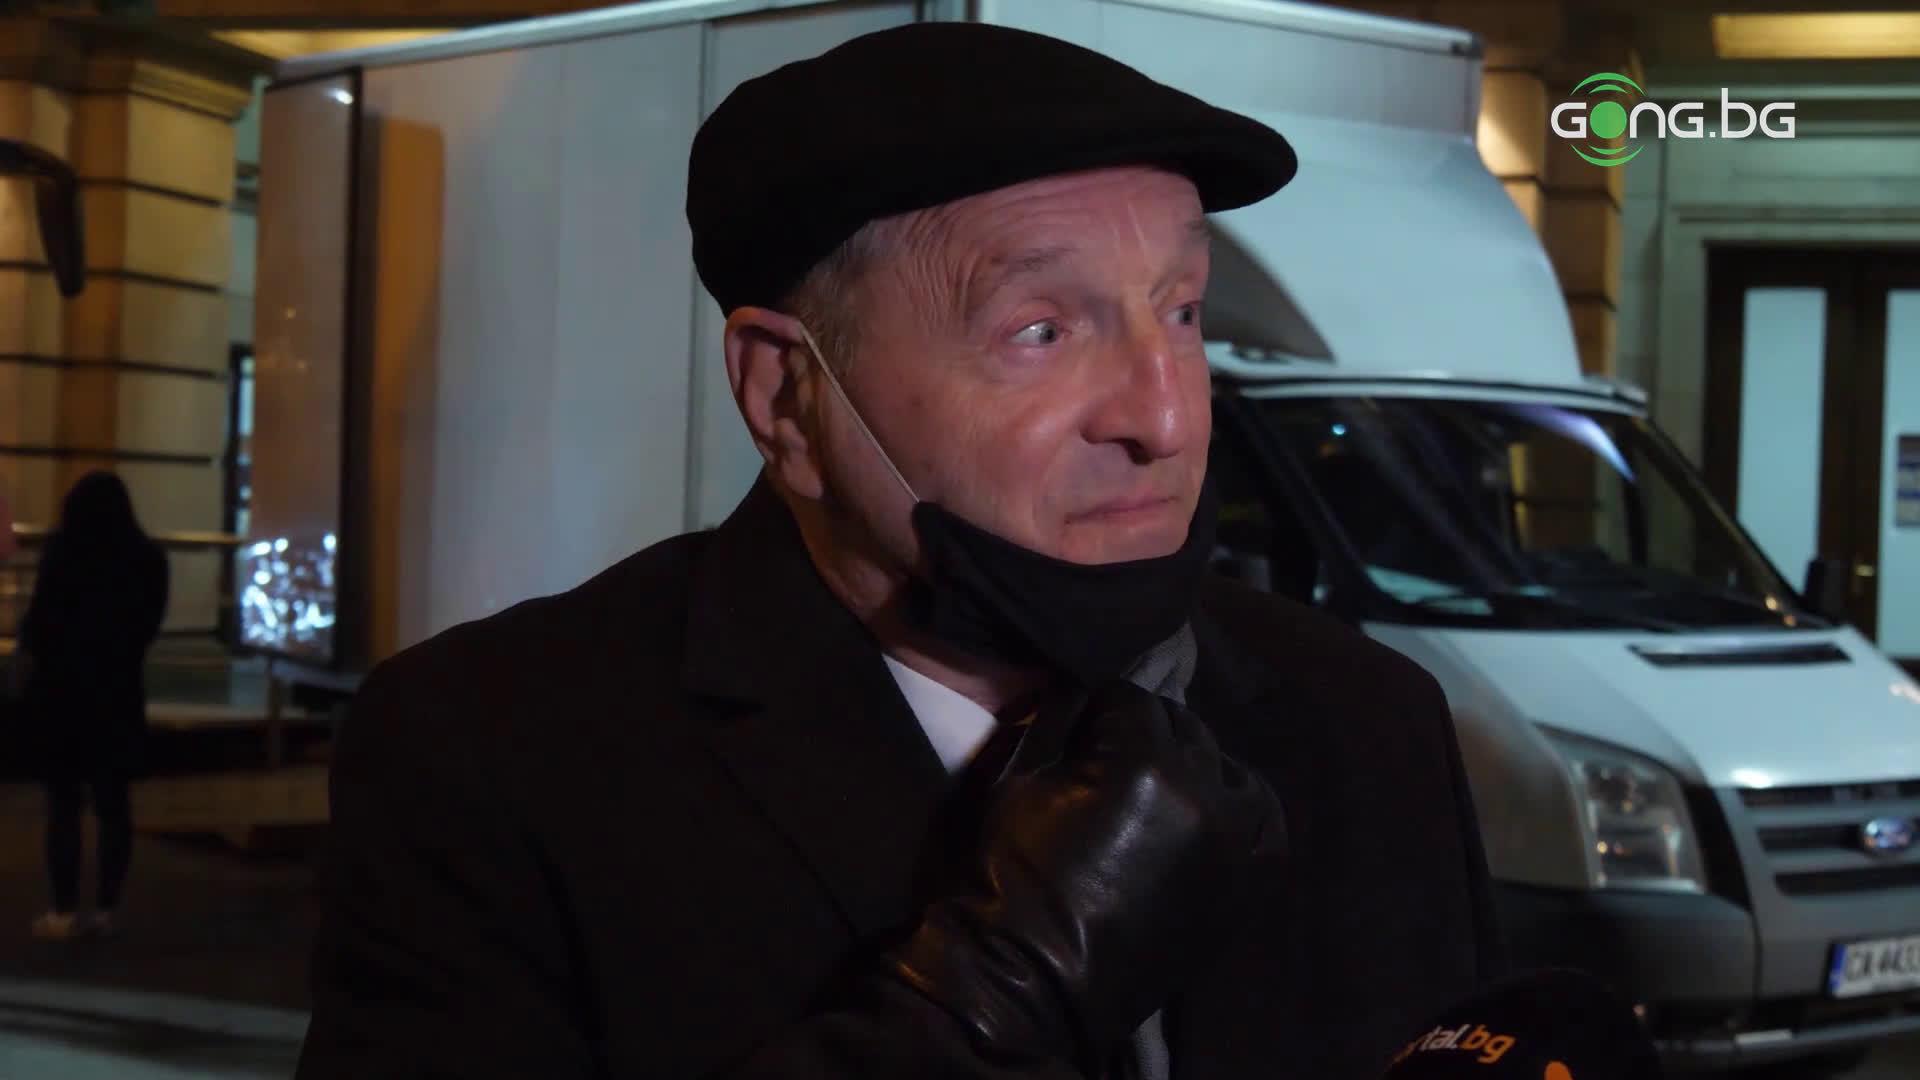 Михаил Касабов: Играхме добре, след като мачът свърши